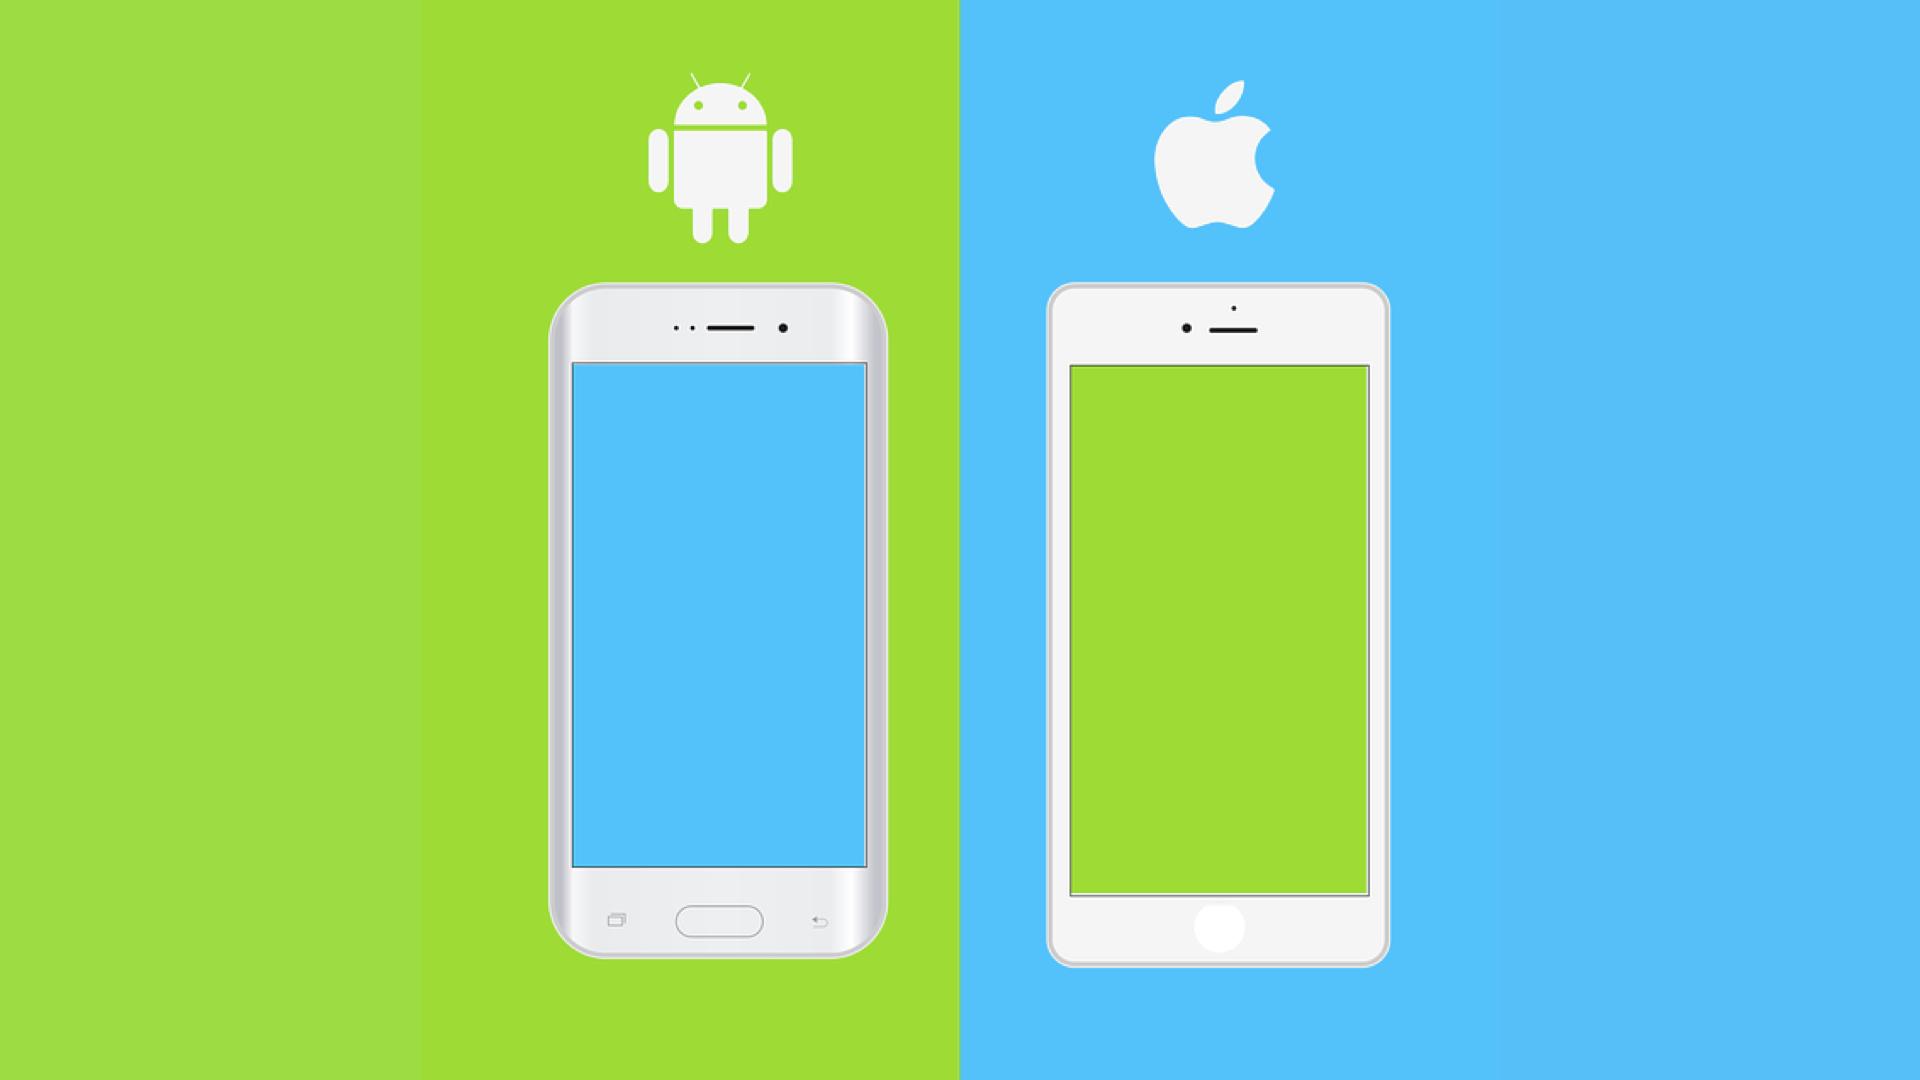 Android'in iOS'a Göre Avantajları Nelerdir